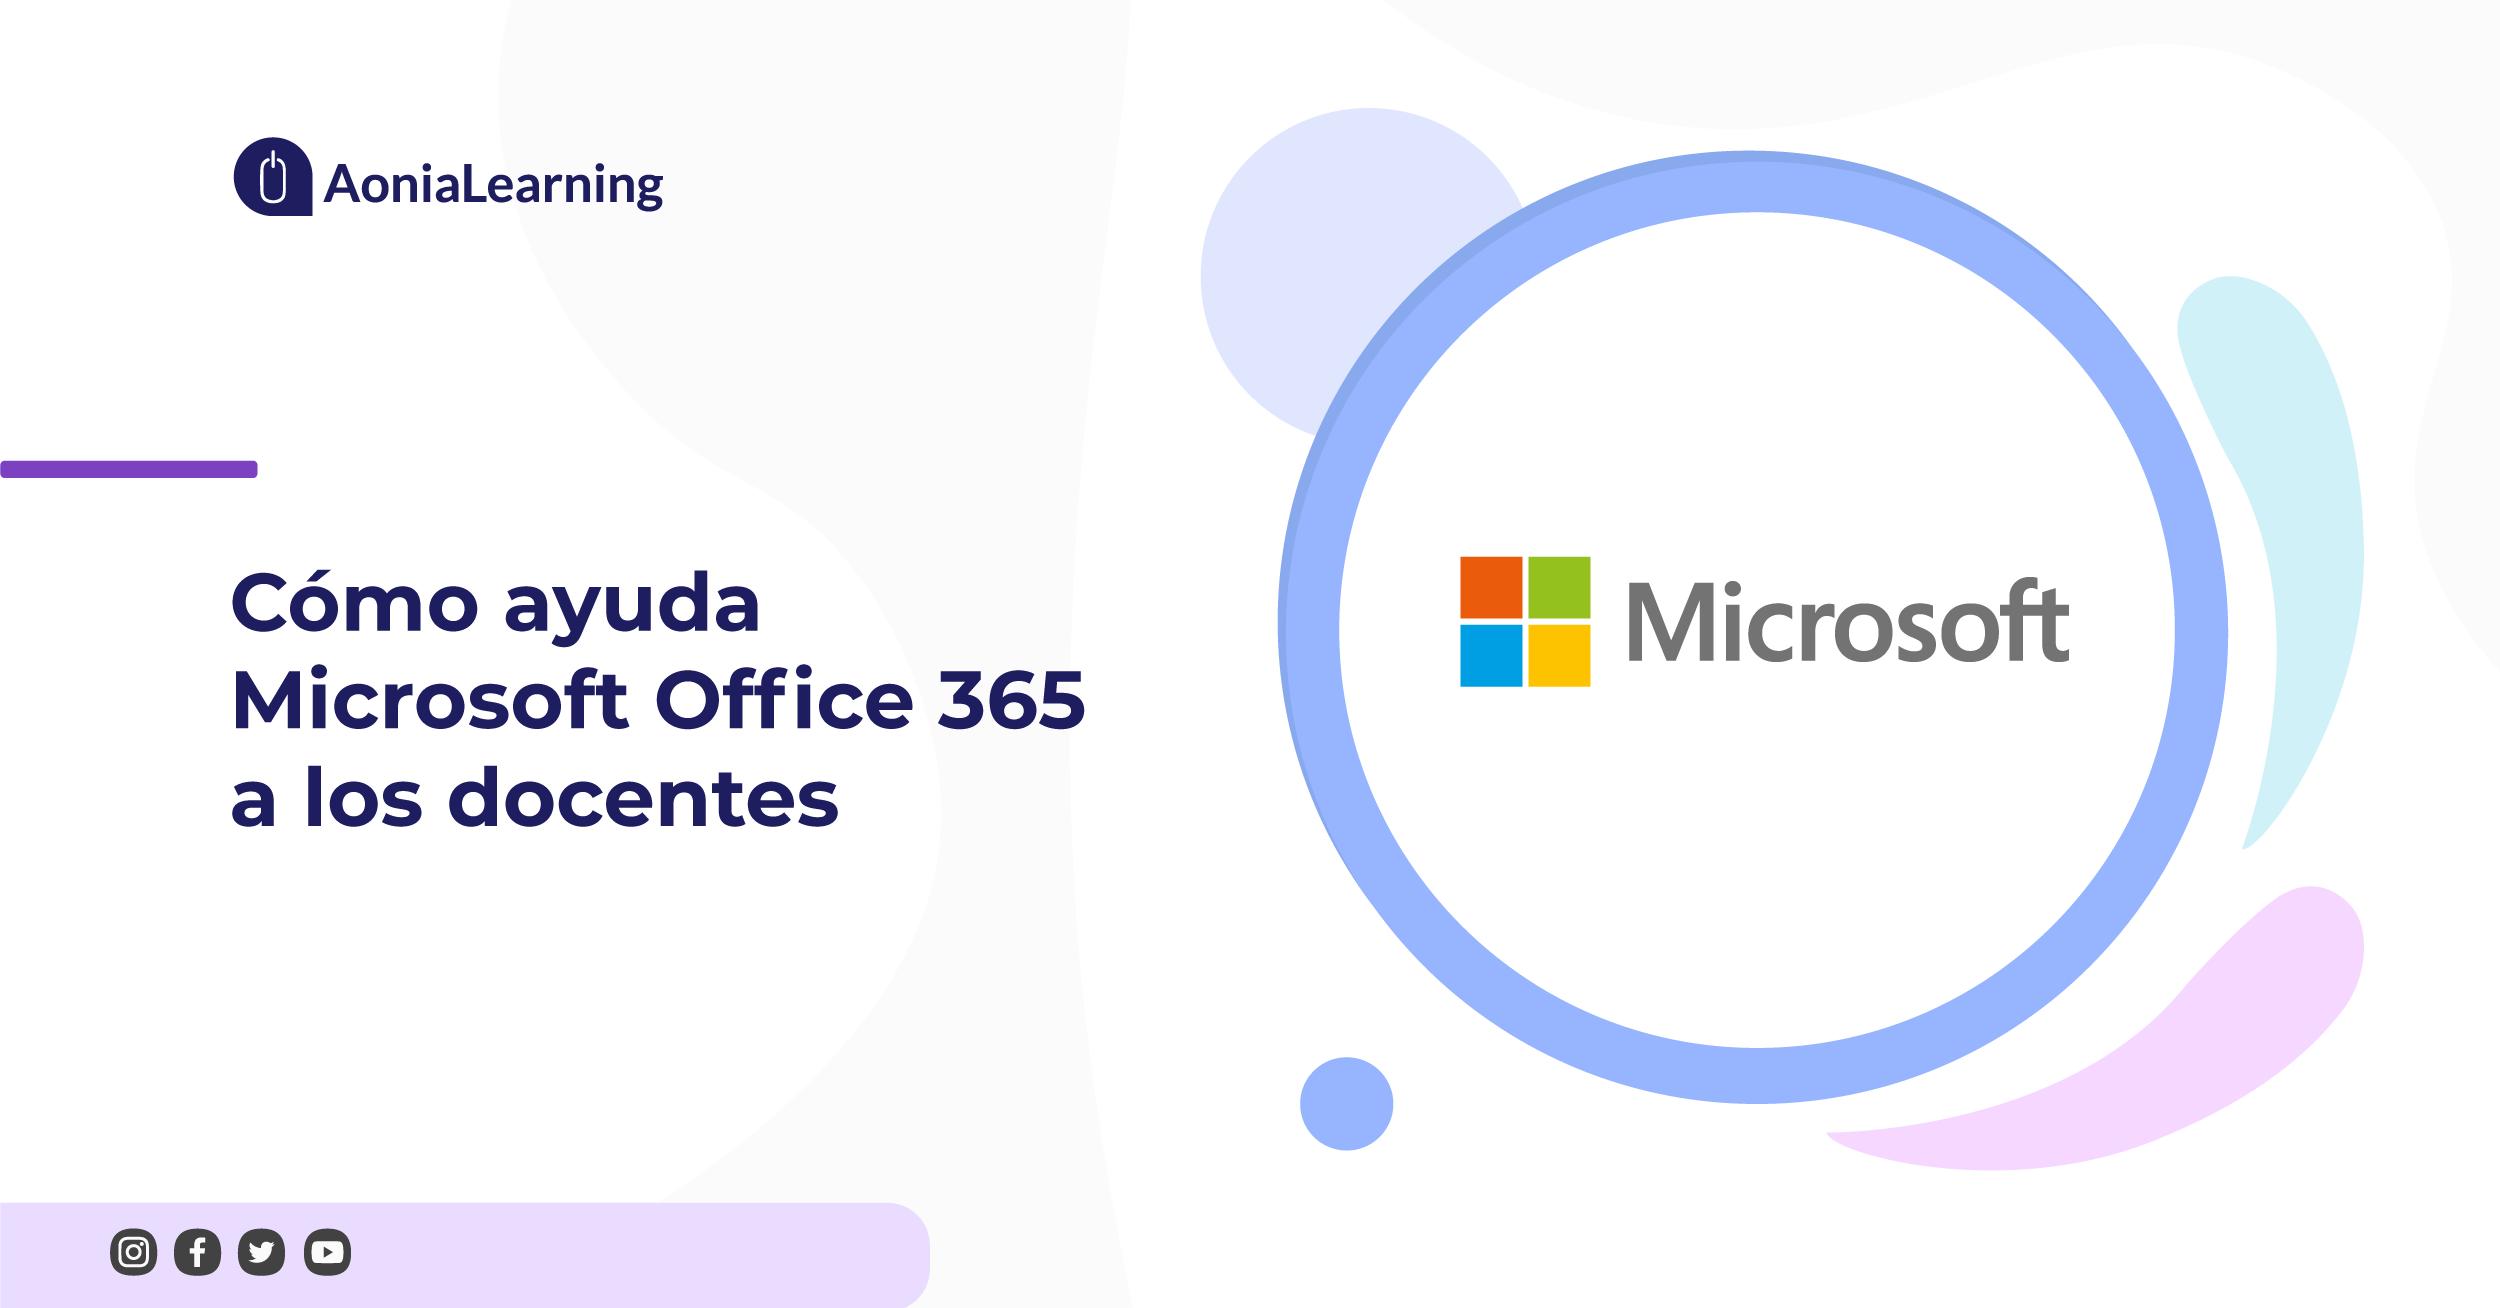 Cómo ayuda Microsoft Office 365 a los docentes